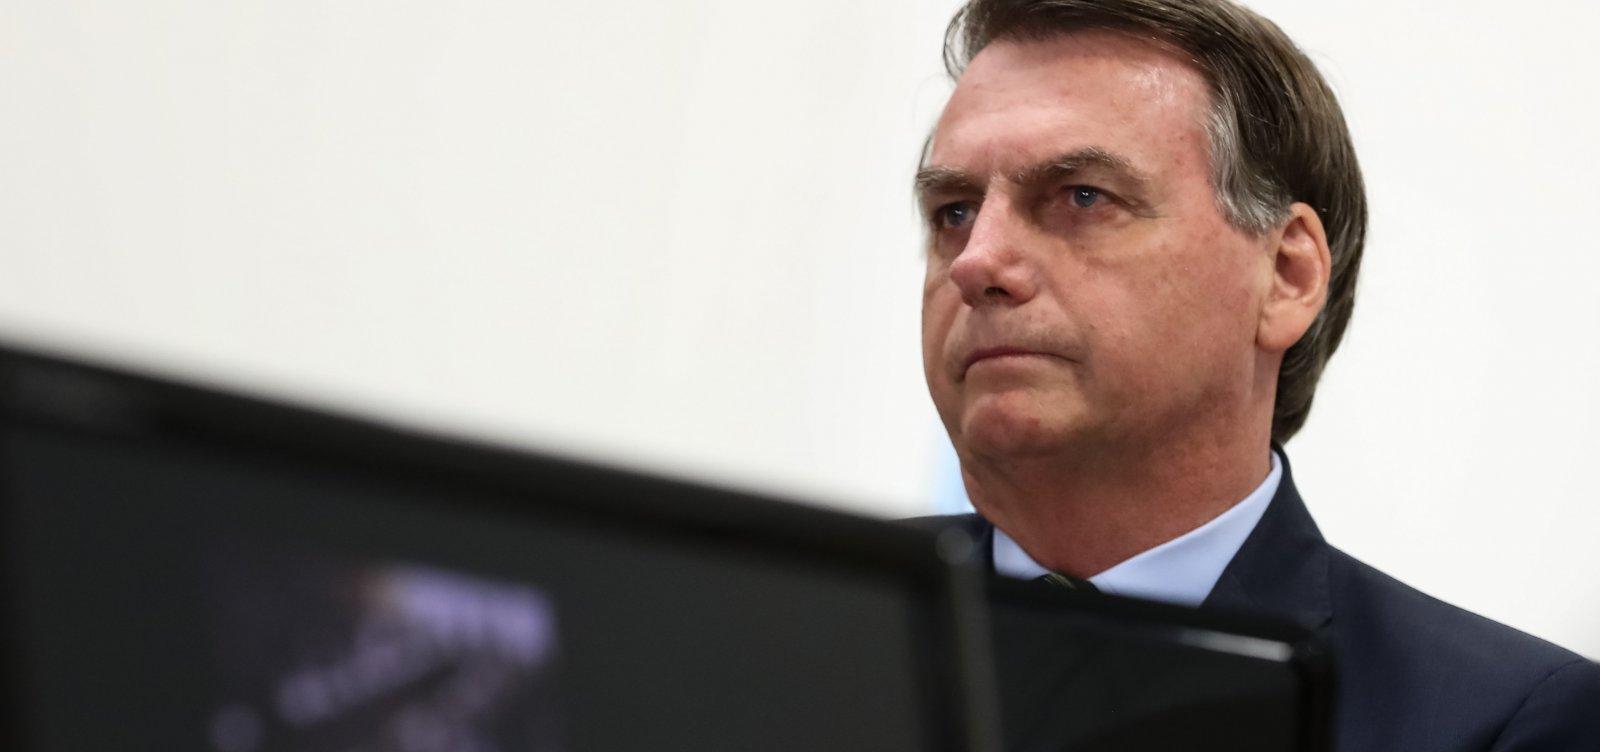 [Laudo da Fiocruz apresentado por Bolsonaro não tem CPF, RG nem data de nascimento]